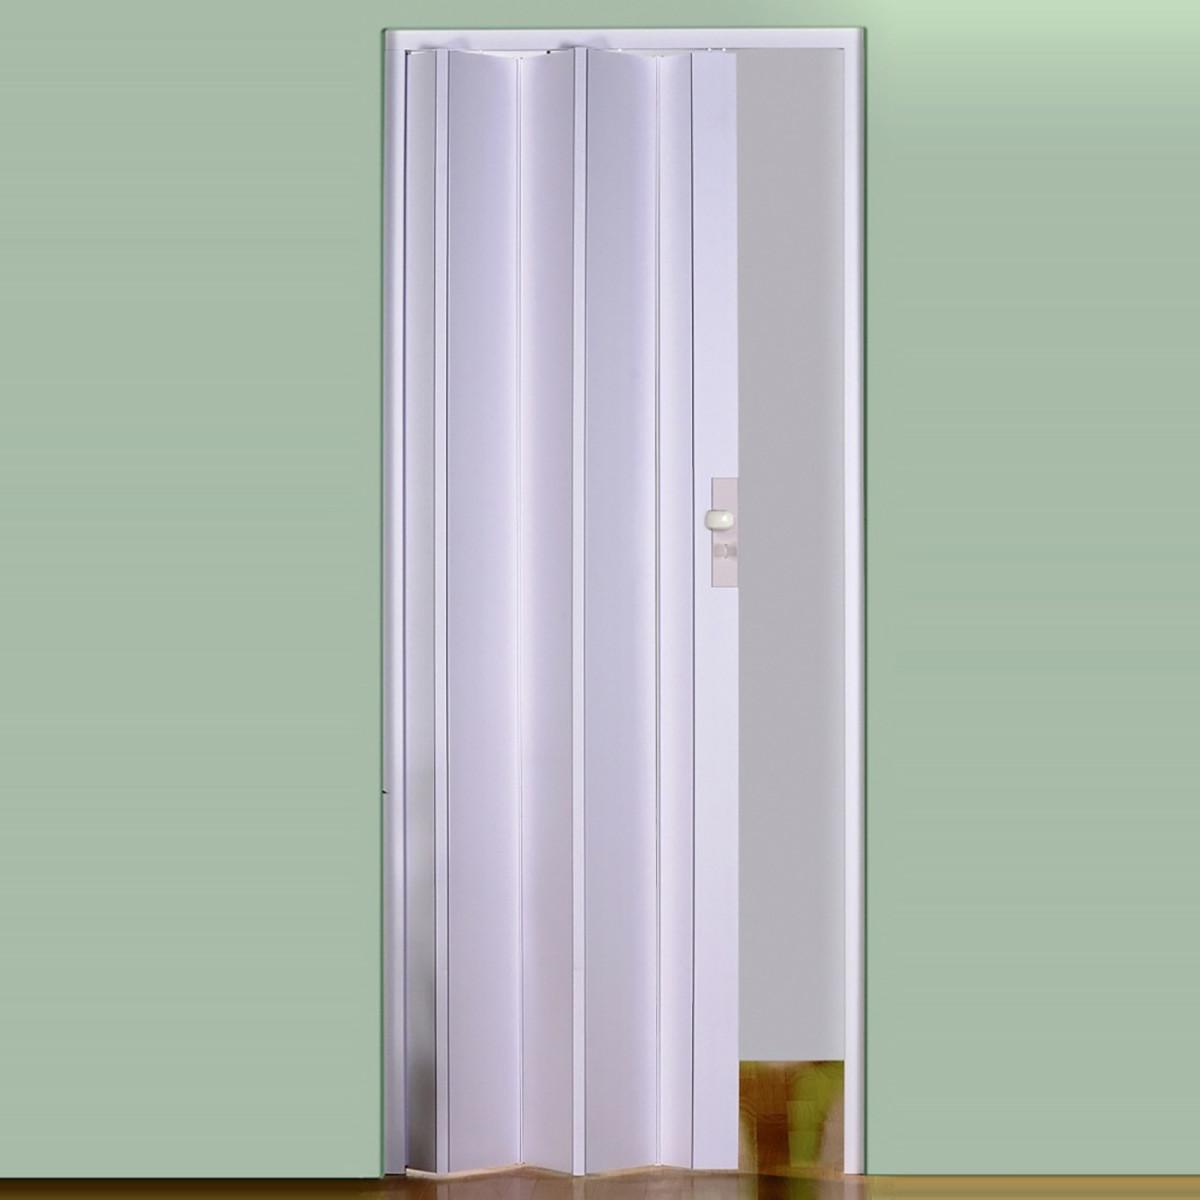 Porta porte a soffietto in pvc nuove prezzo e offerte for Porte a soffietto su misura leroy merlin